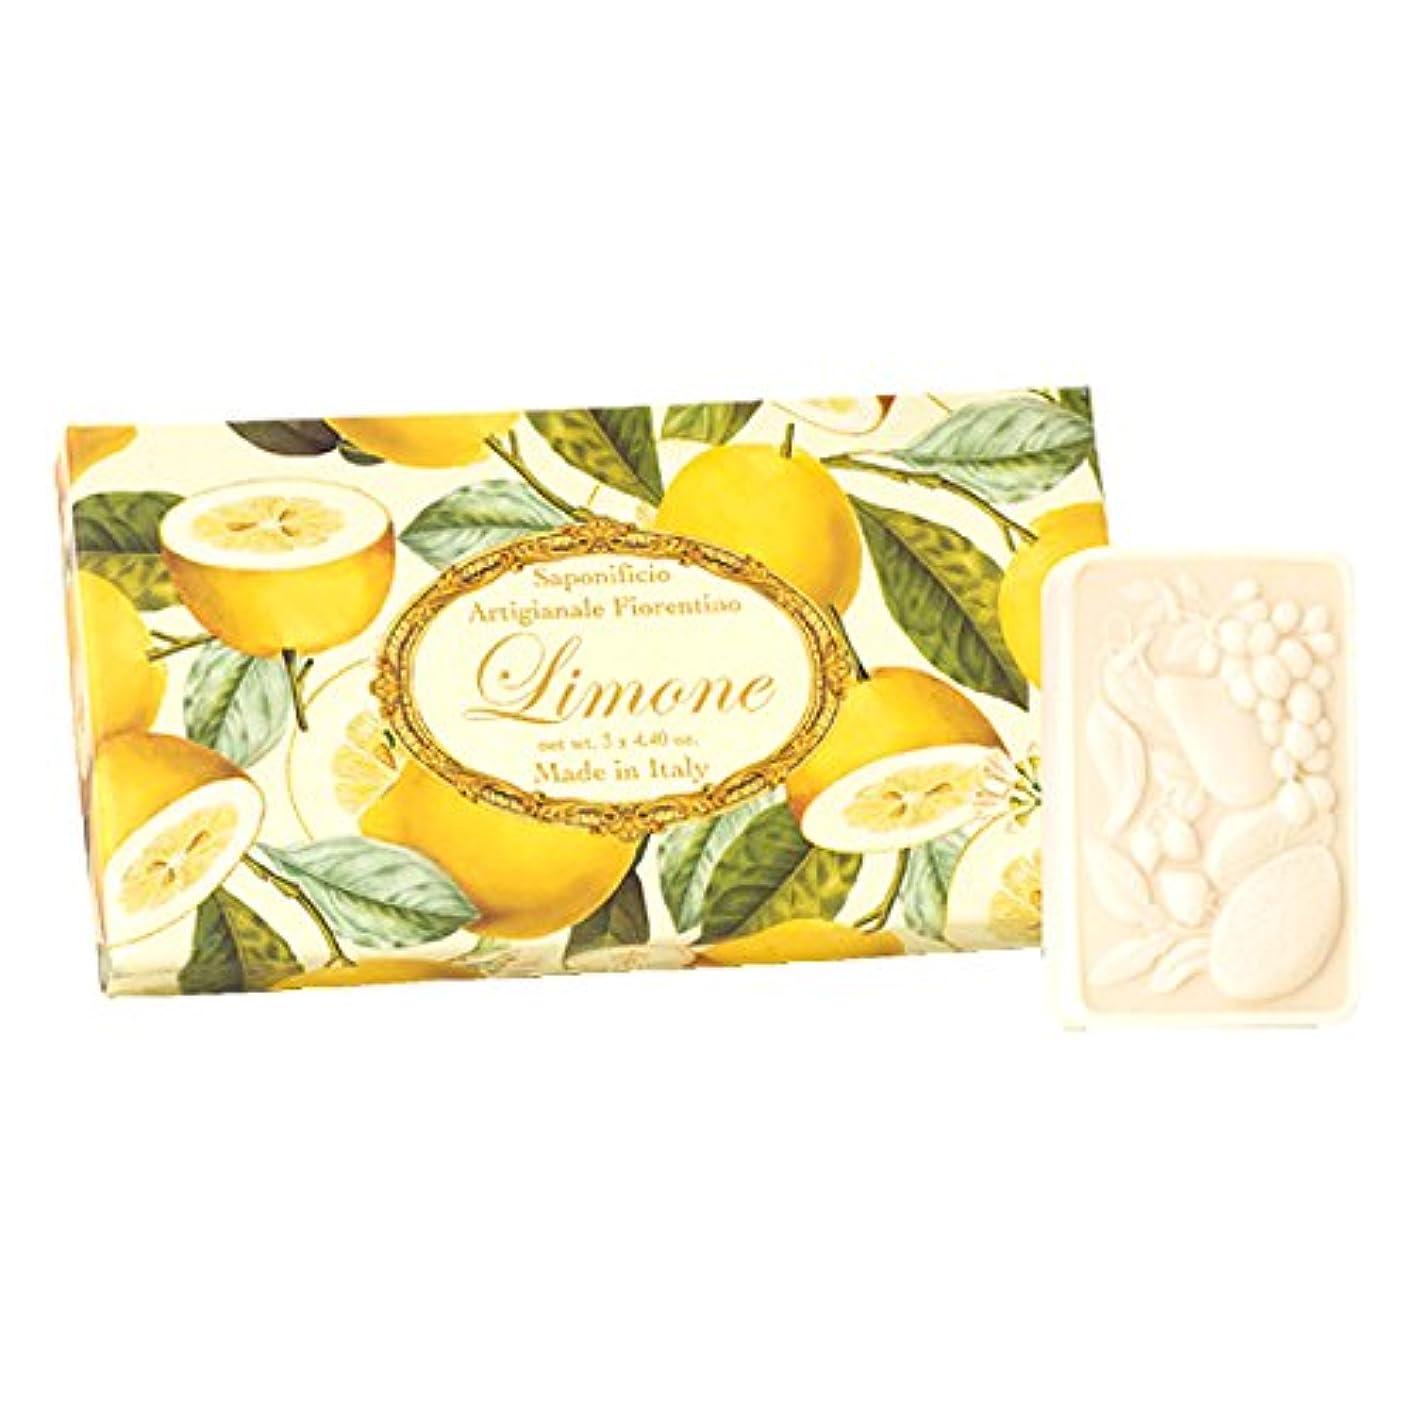 崖非互換トラフフィレンツェの 長い歴史から生まれたこだわり石鹸 レモン【刻印125g×3個セット】